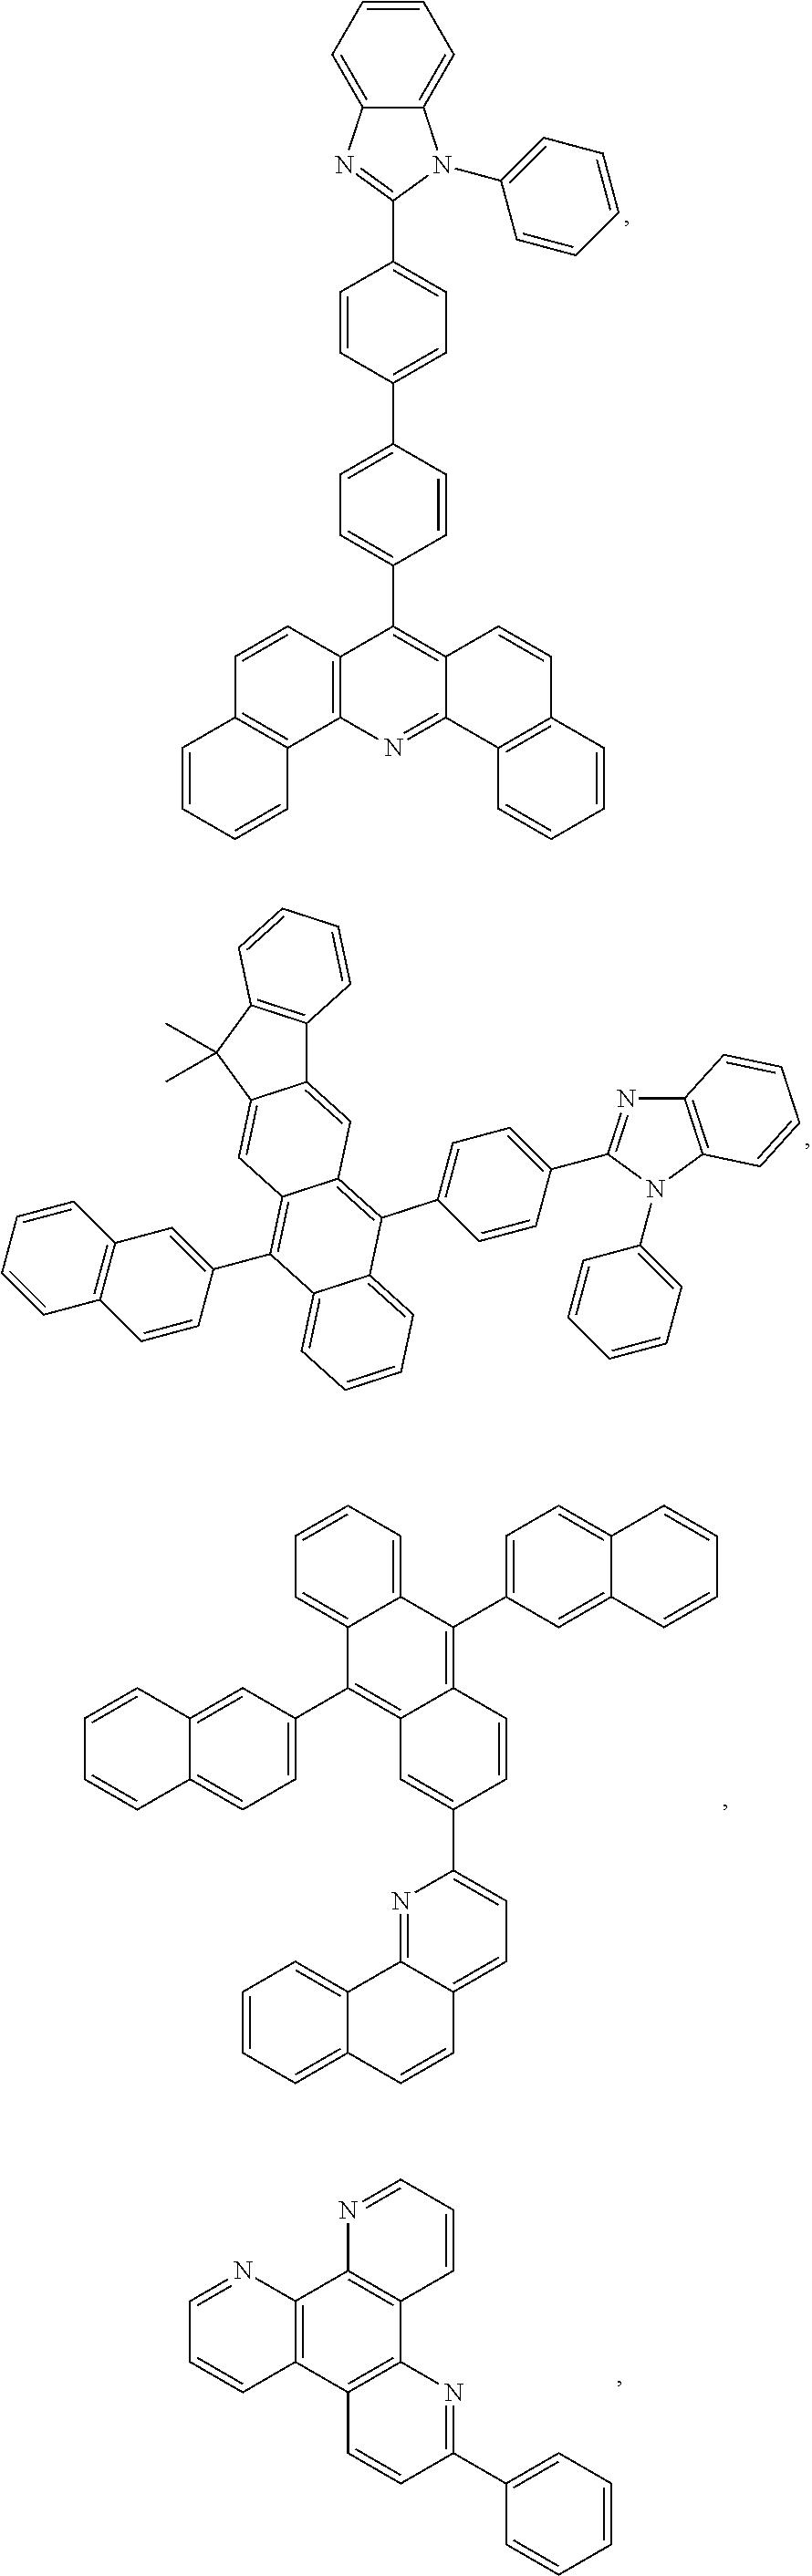 Figure US09978956-20180522-C00101